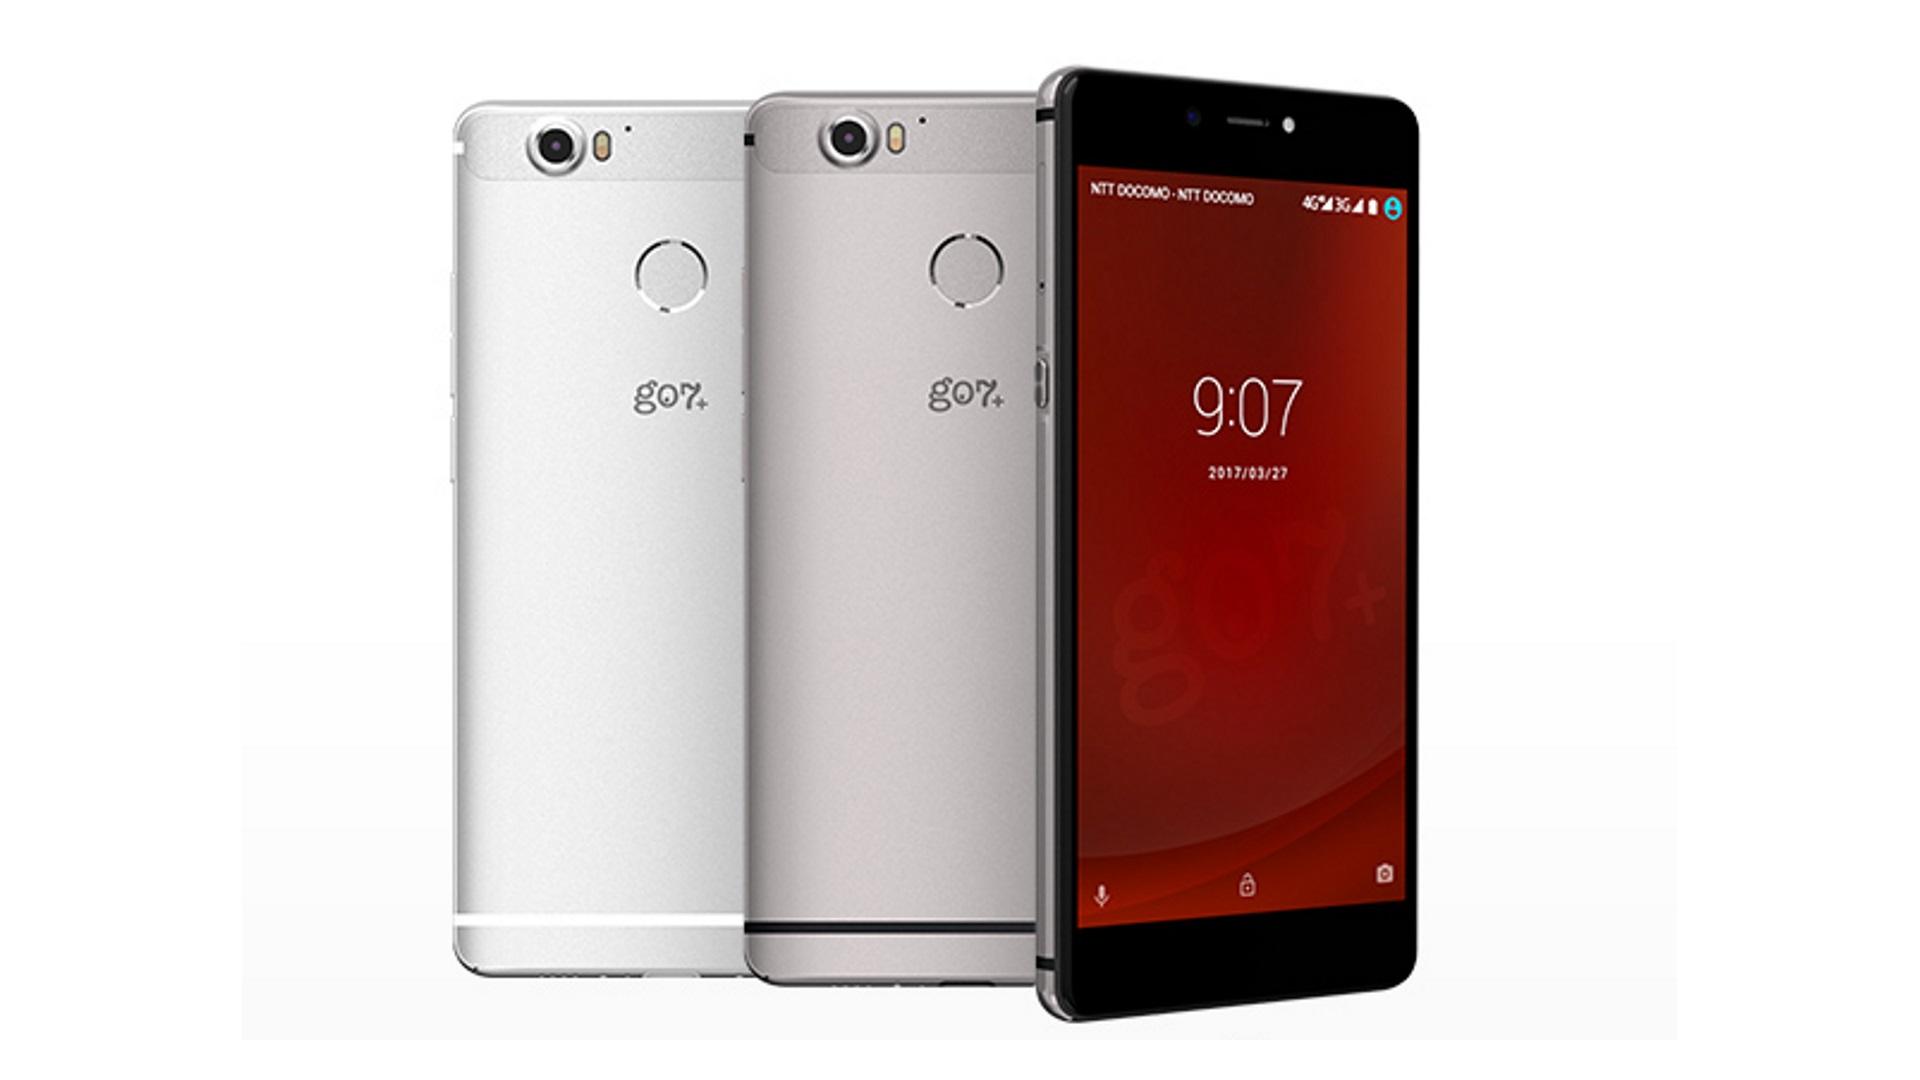 Covia、CDMA2000までサポートした3キャリアによるDSDS対応新型スマートフォン「g07+(CP-J55aW)」を発売